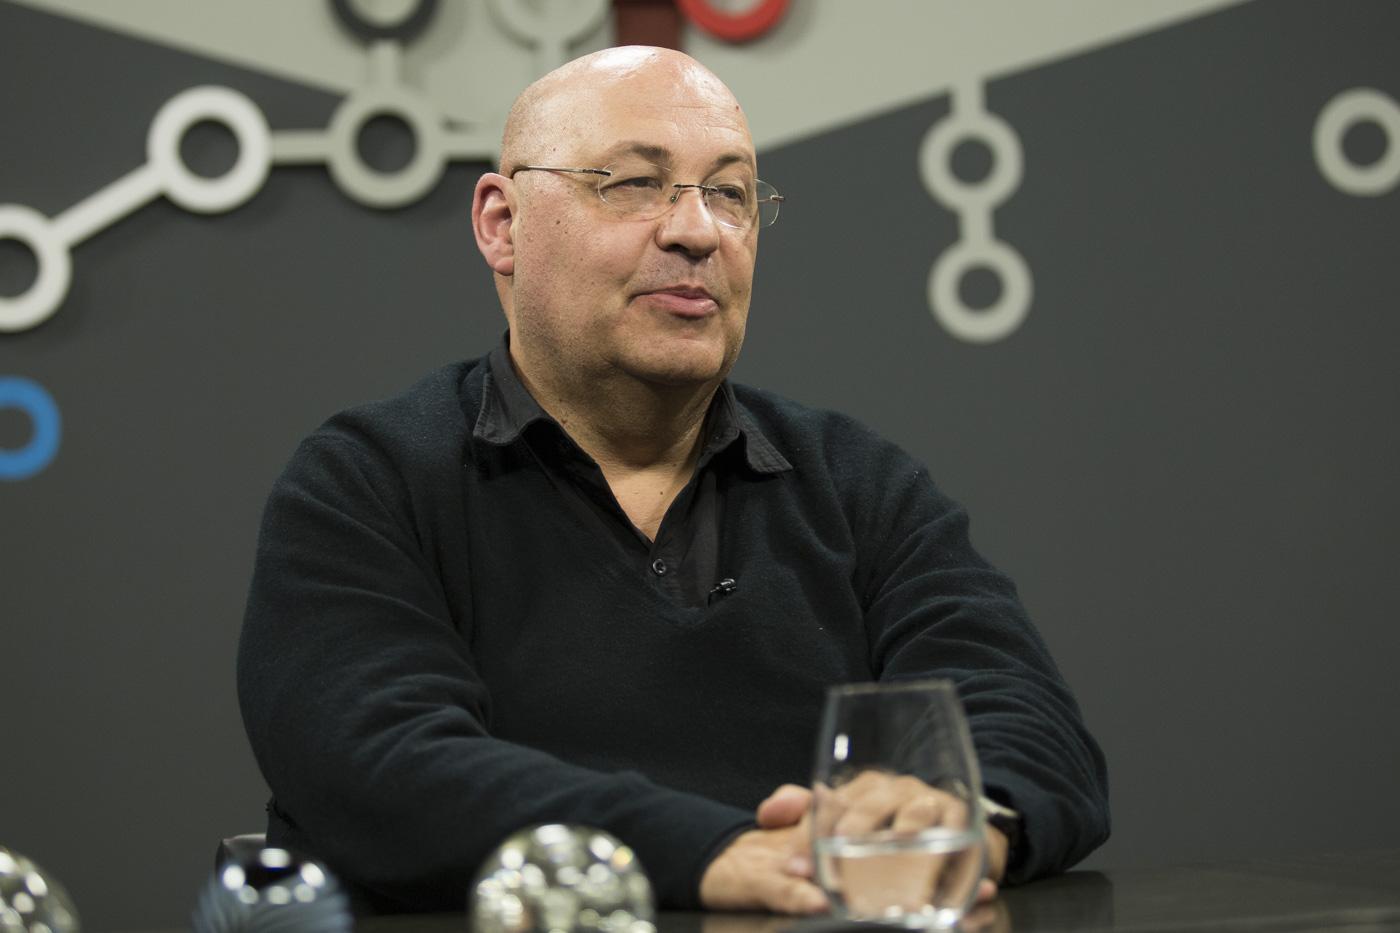 """Sergio Villanueva: """"A la gente le sigue gustando tomar vino siempre y  cuando los precios sean accesibles"""" - PuntoaPunto"""